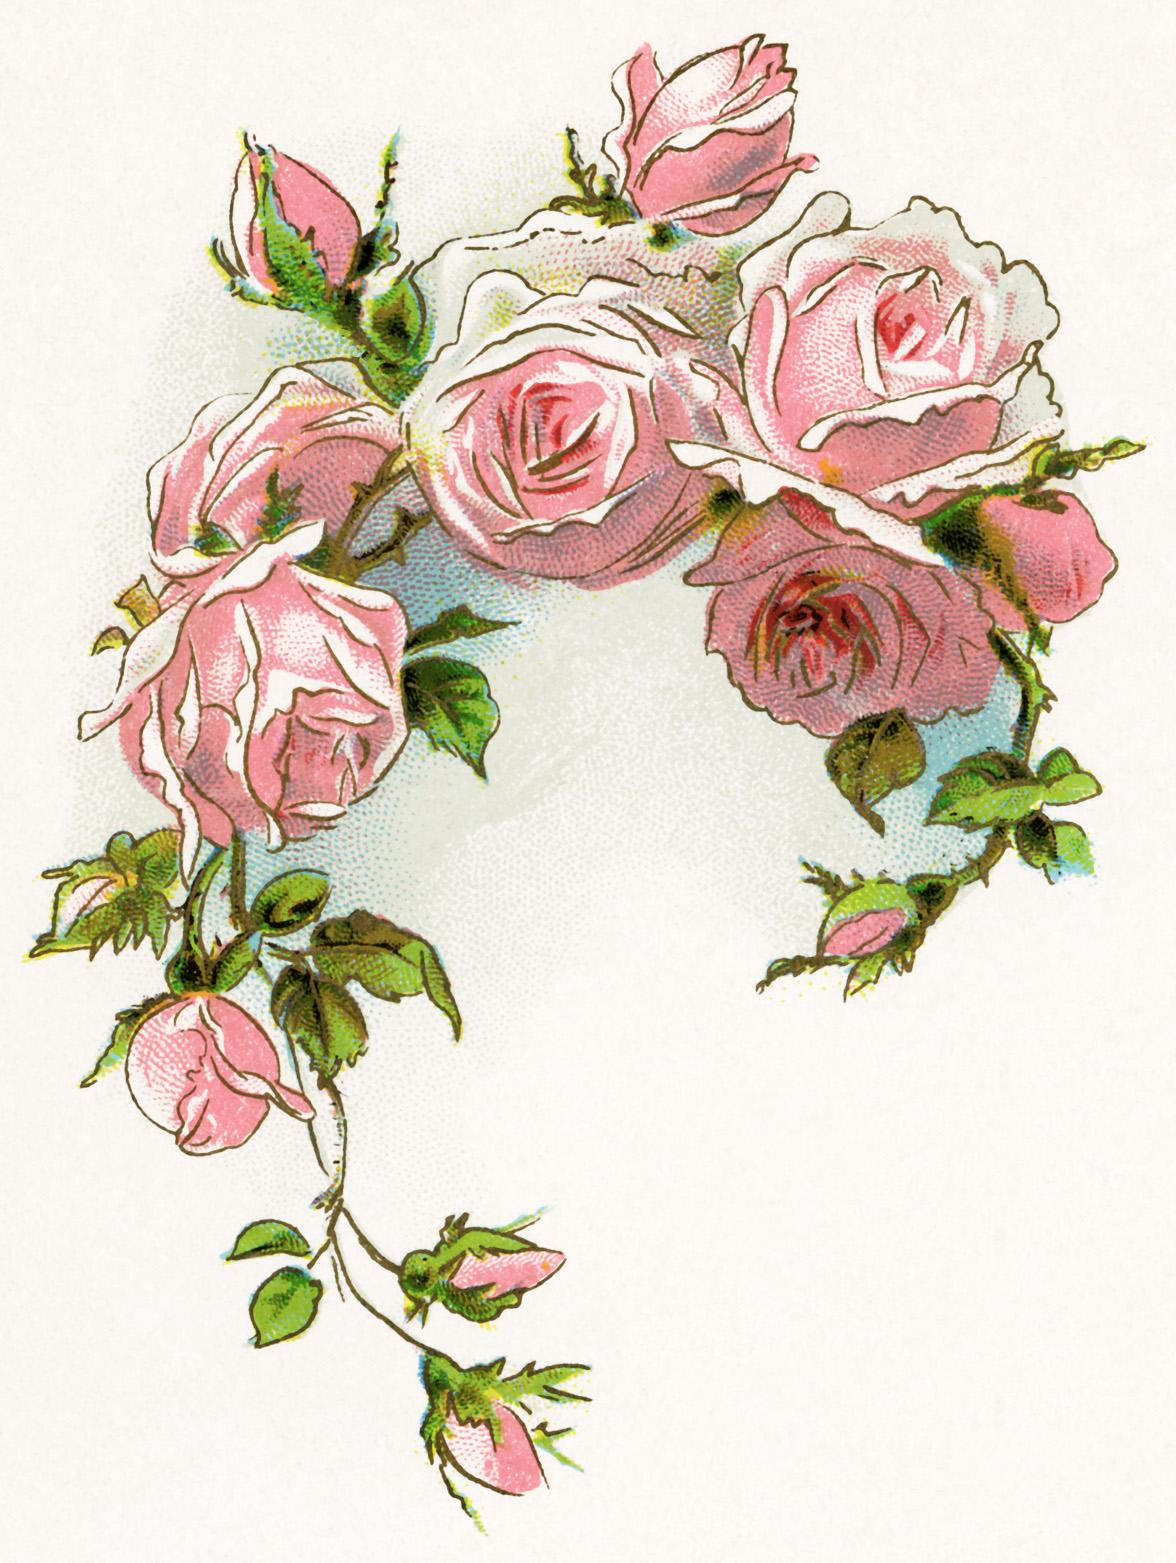 Rose Border Clip Art Roses Flower Border Clip Art Vintage Flower Clip